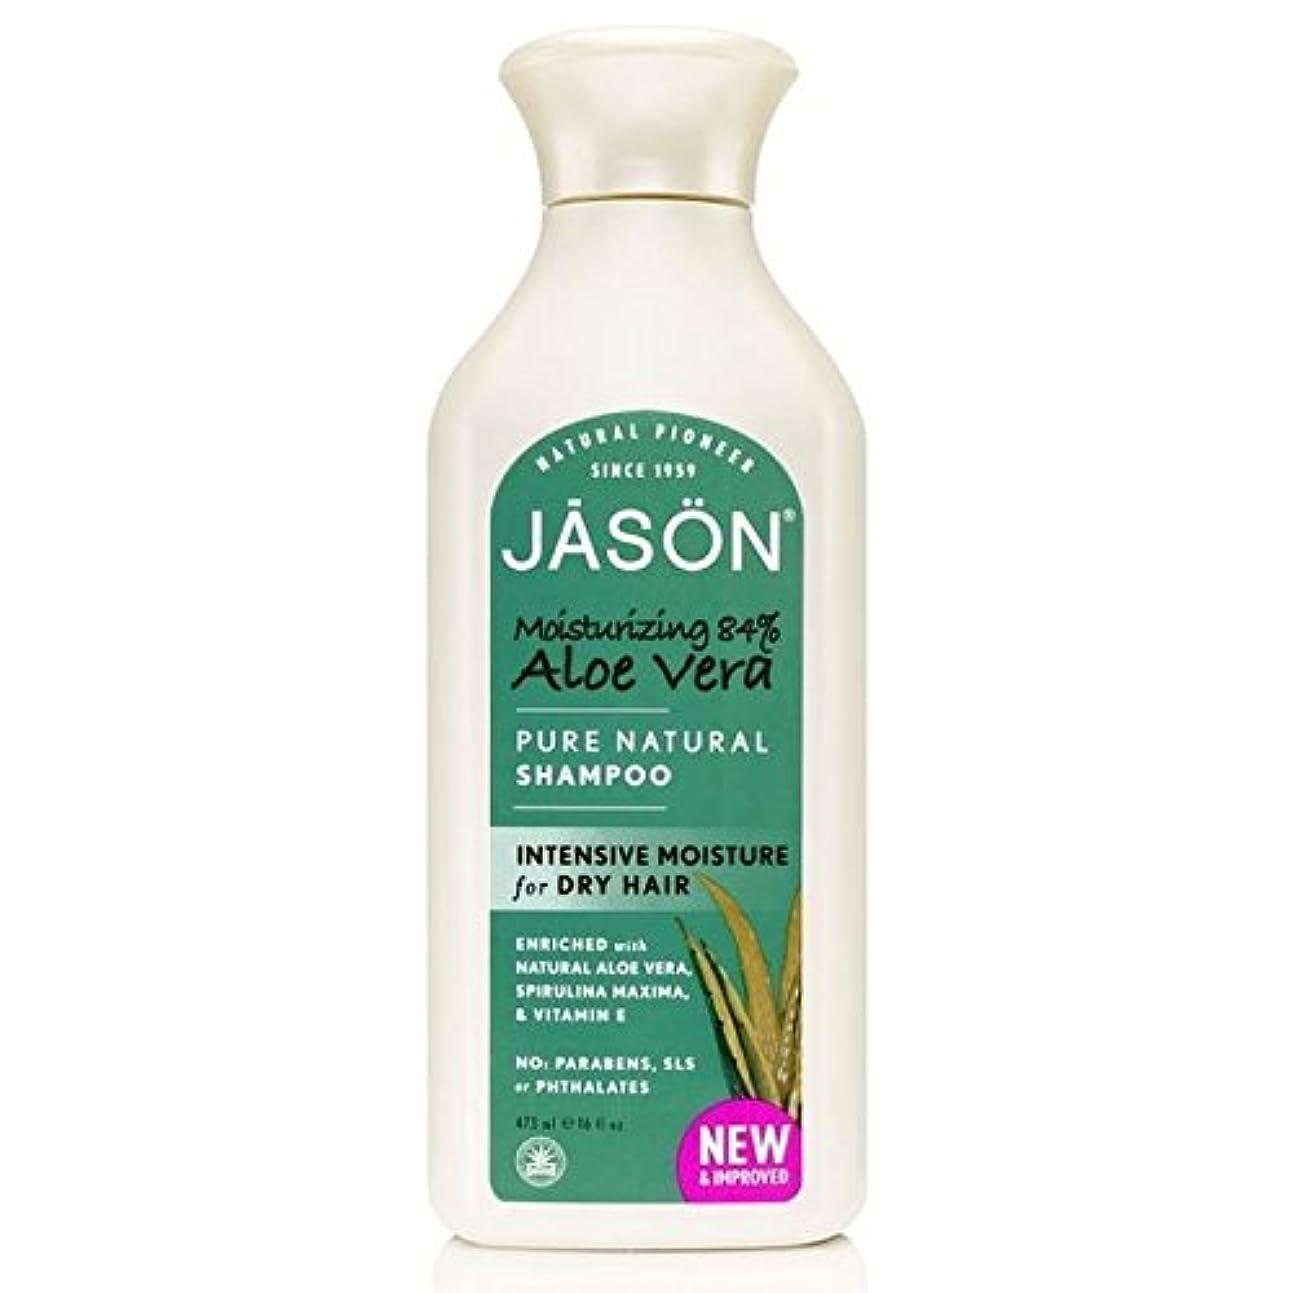 バタフライリハーサル浸透するジェイソンのアロエベラ84%の純粋な天然シャンプー475ミリリットル x2 - Jason Aloe Vera 84% Pure Natural Shampoo 475ml (Pack of 2) [並行輸入品]